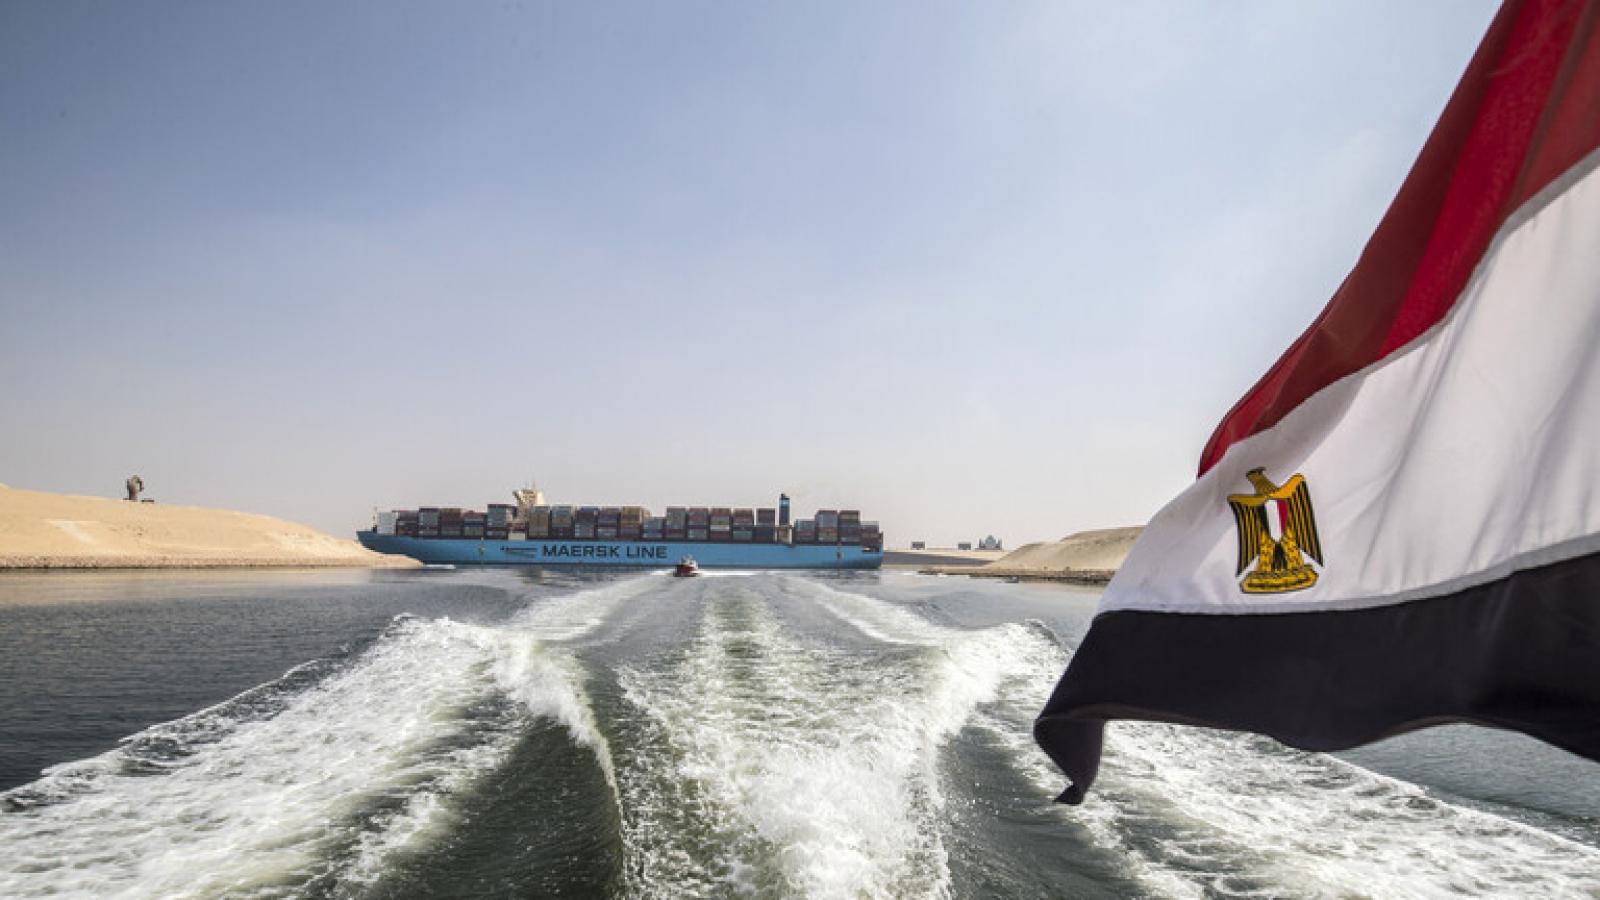 Ai Cập chuẩn bị công bố kết quả điều tra vụ tàu Ever Given mắc cạn ở kênh đào Suez